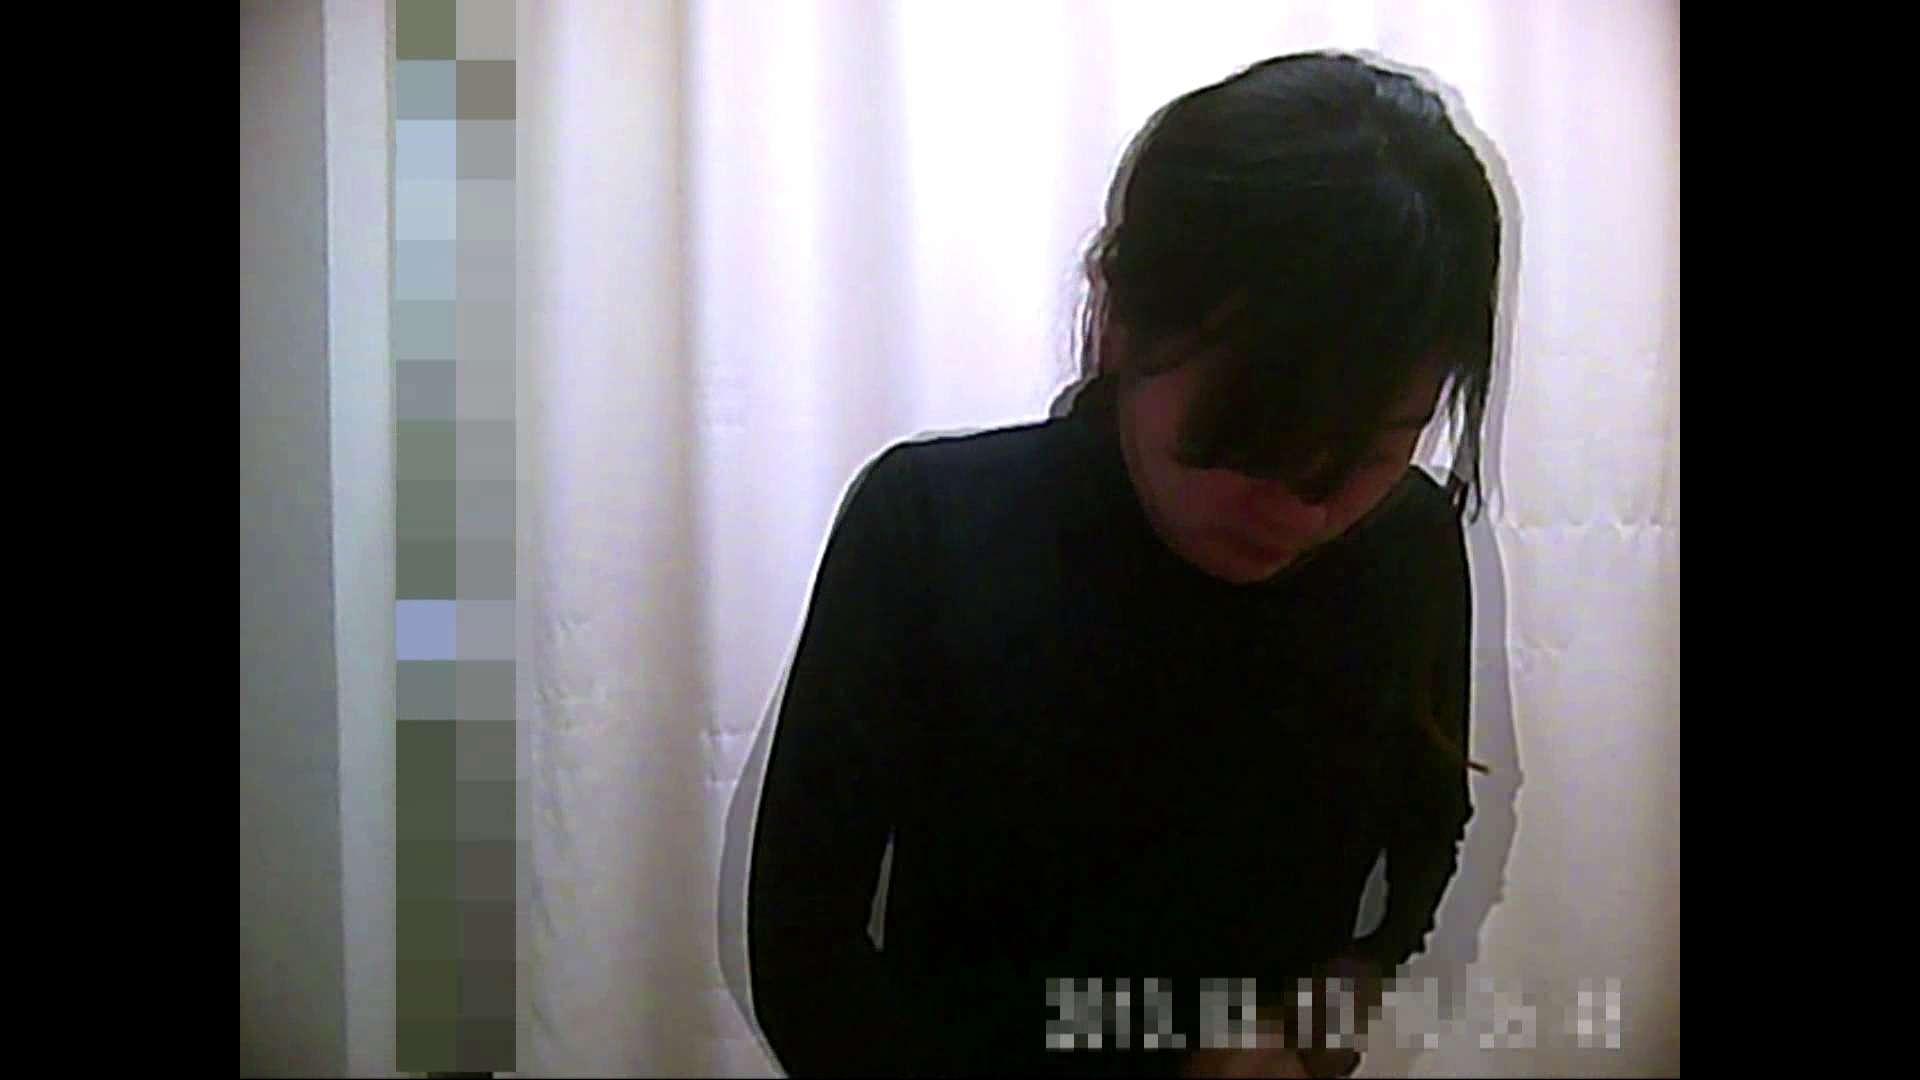 元医者による反抗 更衣室地獄絵巻 vol.097 OLハメ撮り  39Pix 18